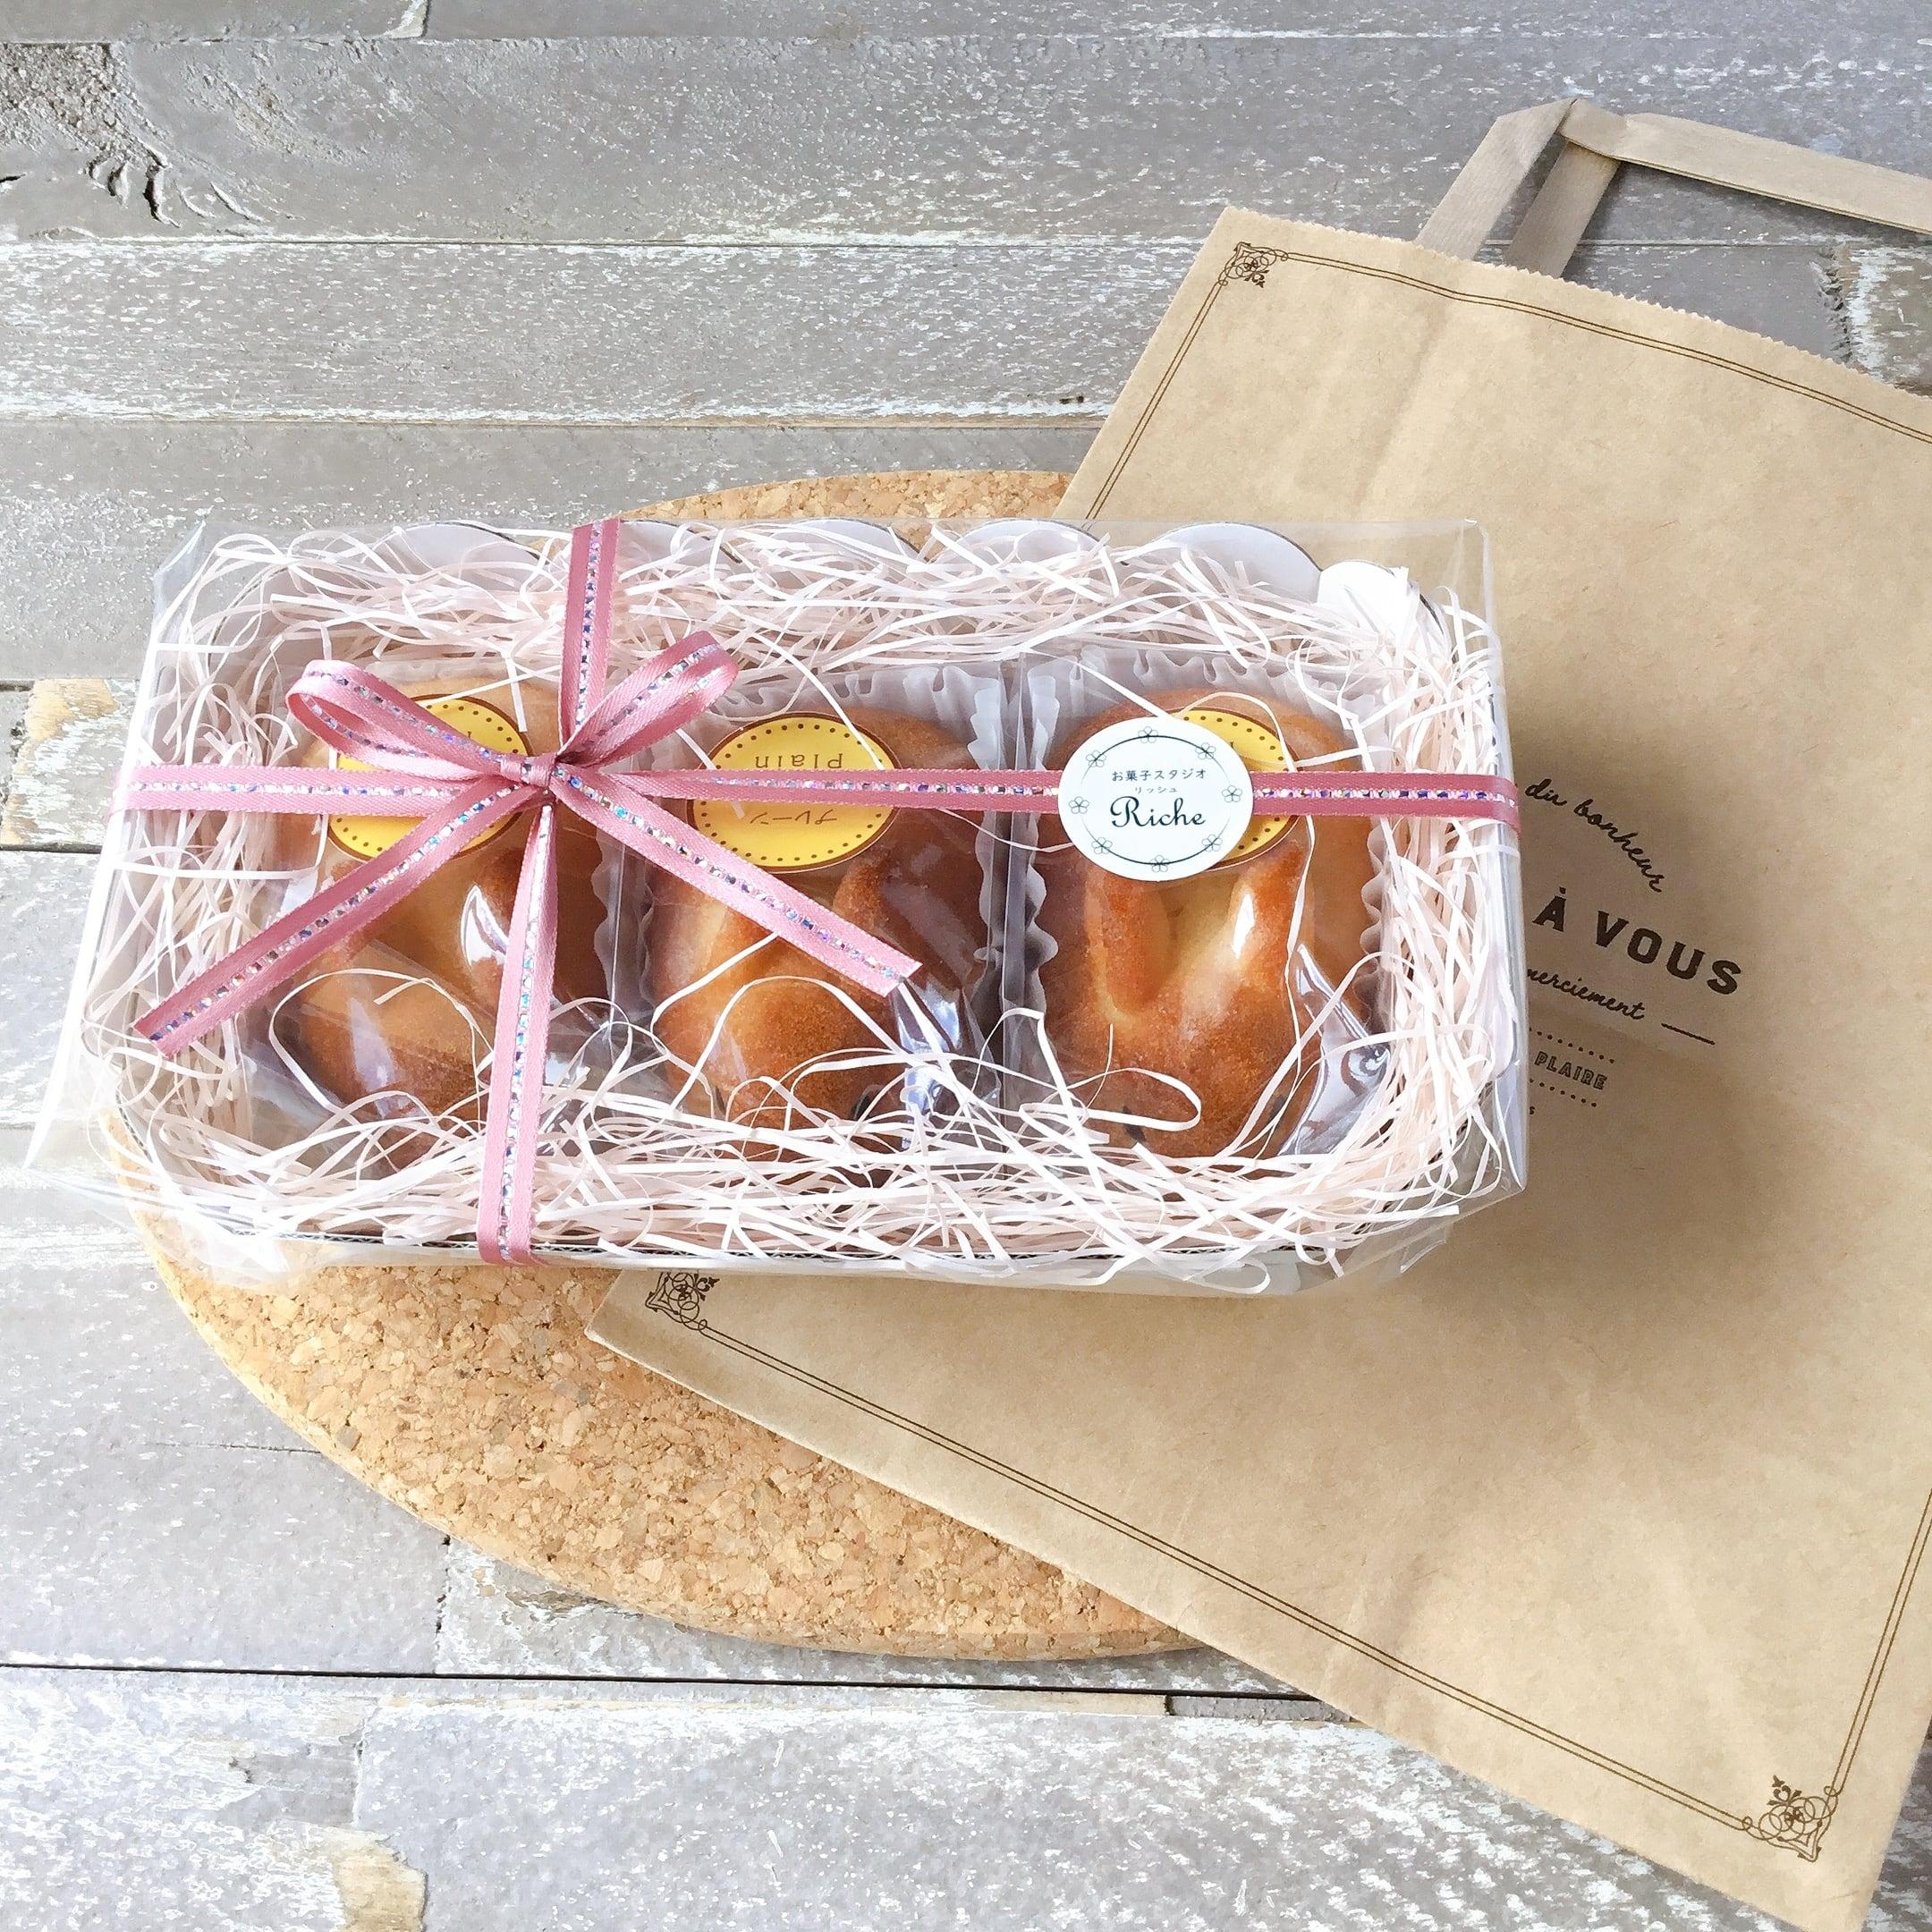 ≪常温便≫プレーン焼きうさぎ3羽セット(焼き菓子/フィナンシェ/お菓子ギフト)